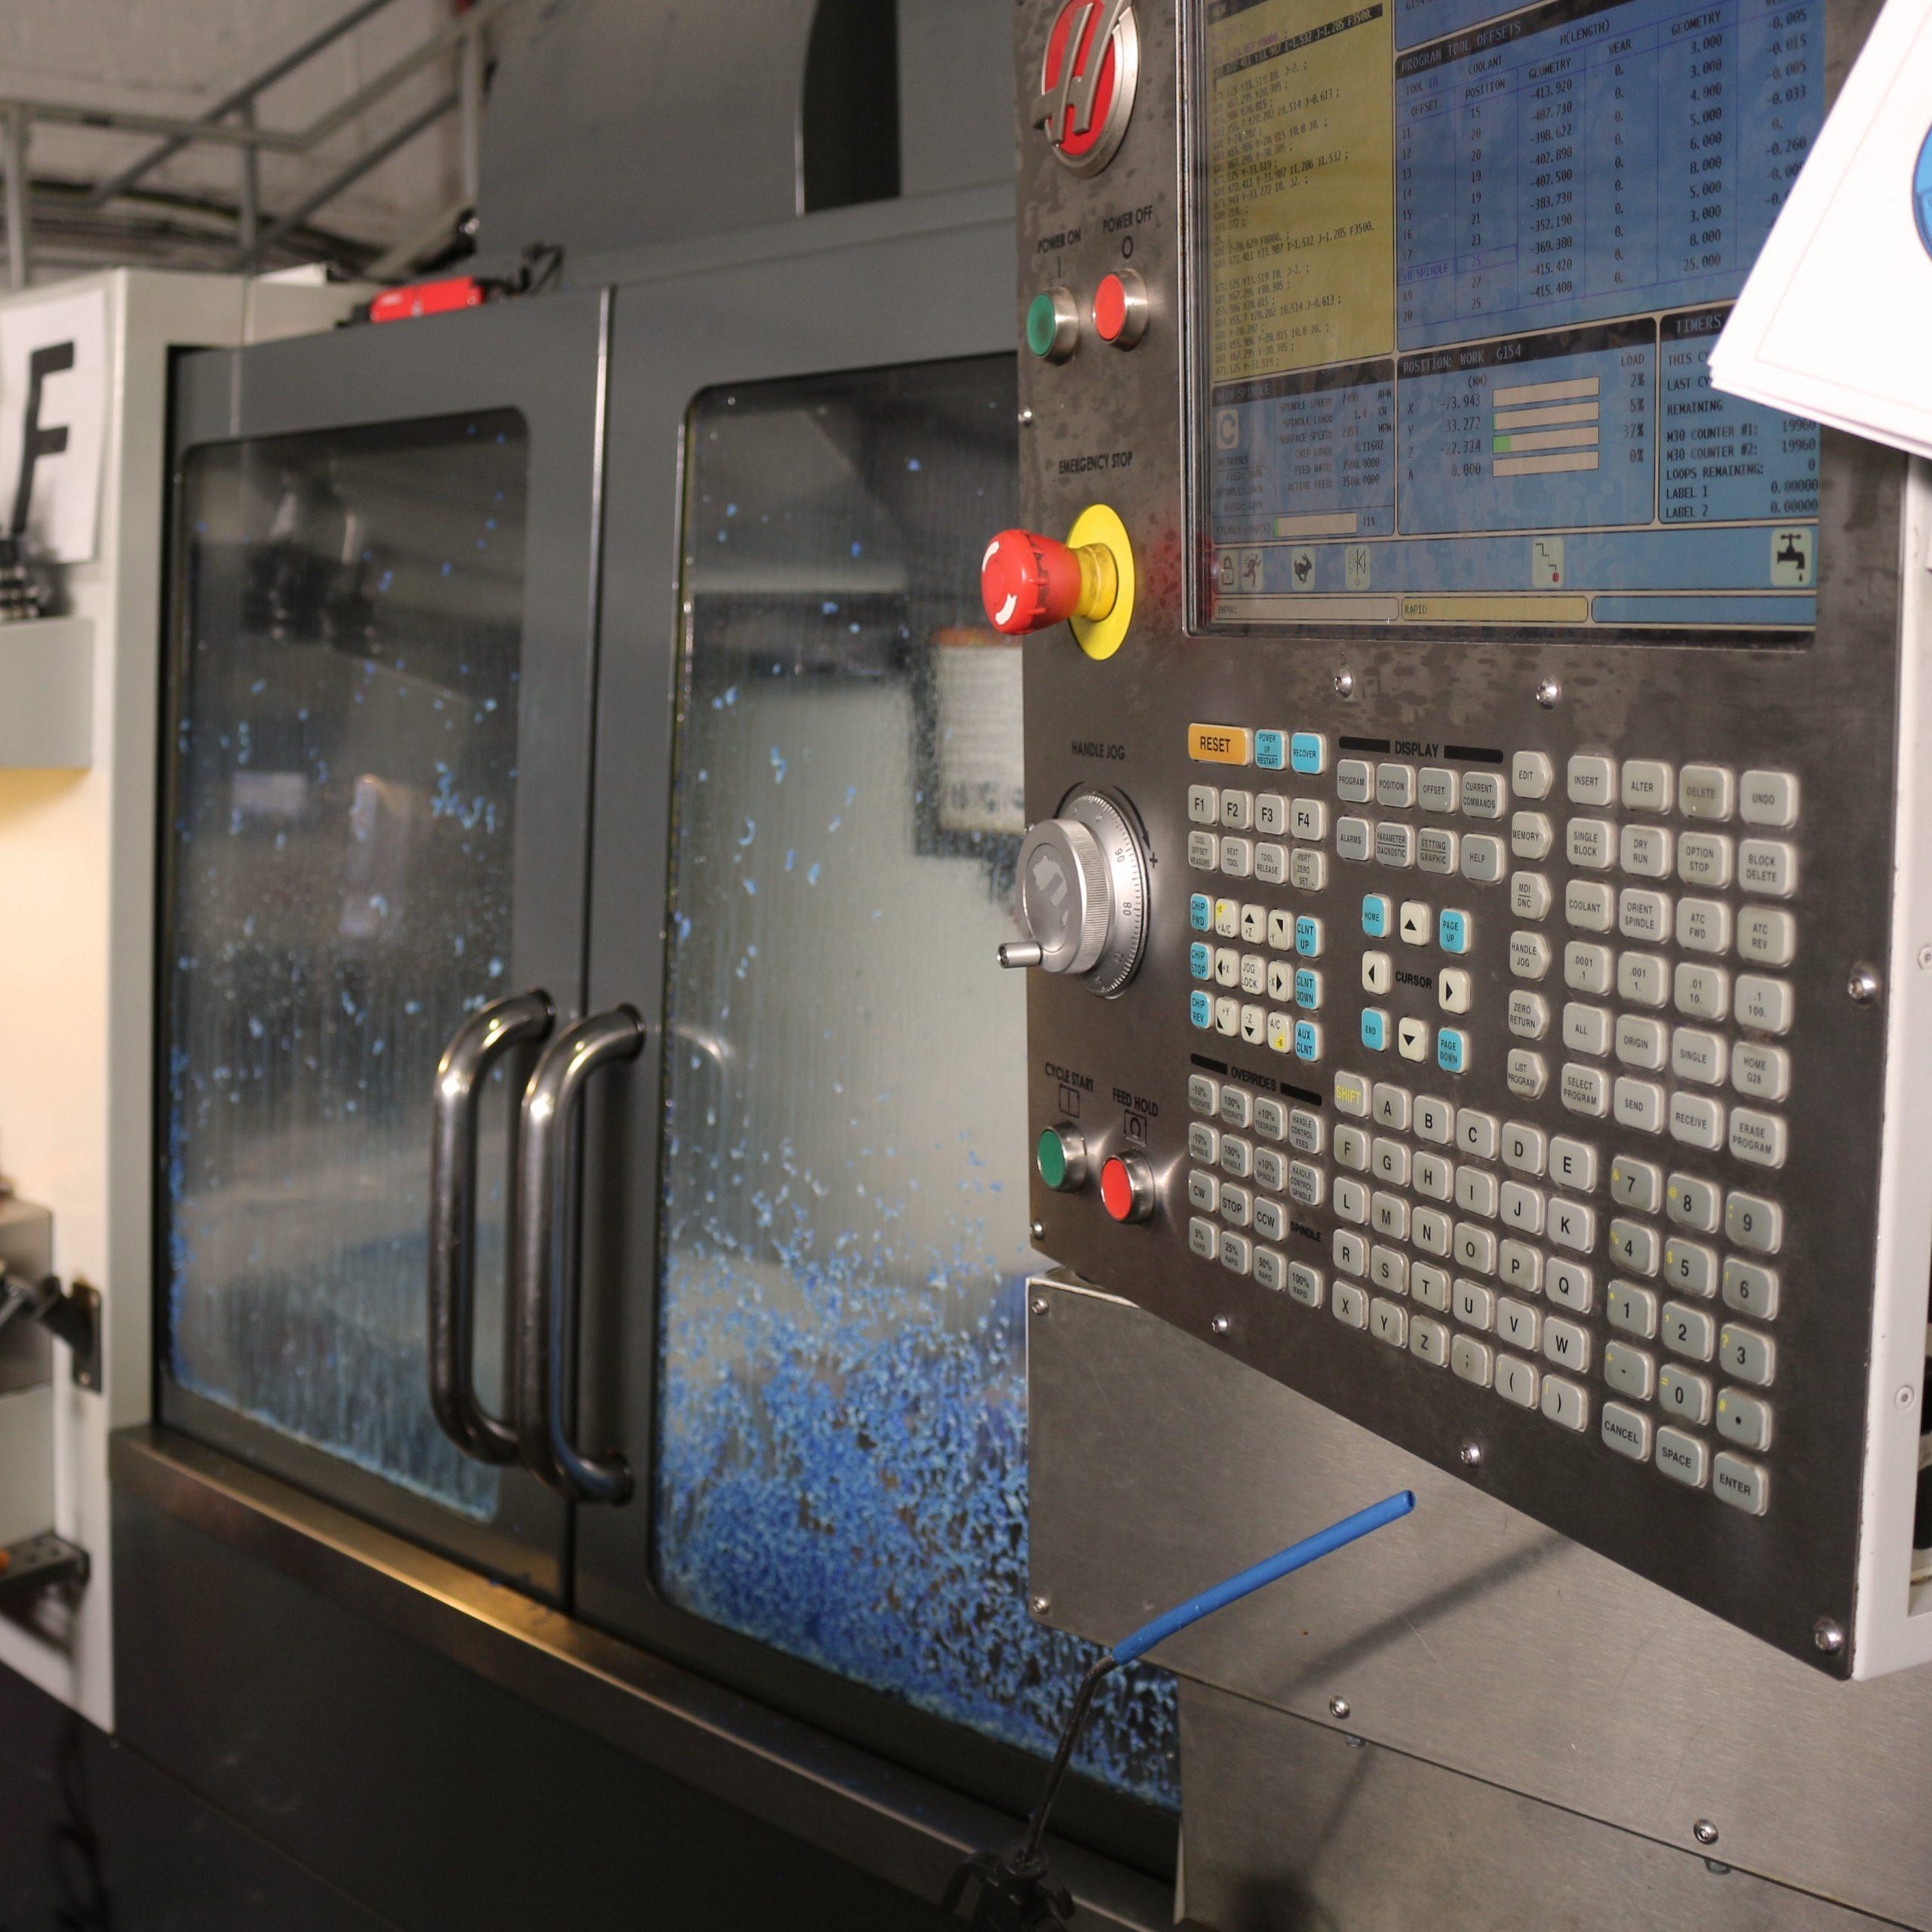 machine shop production